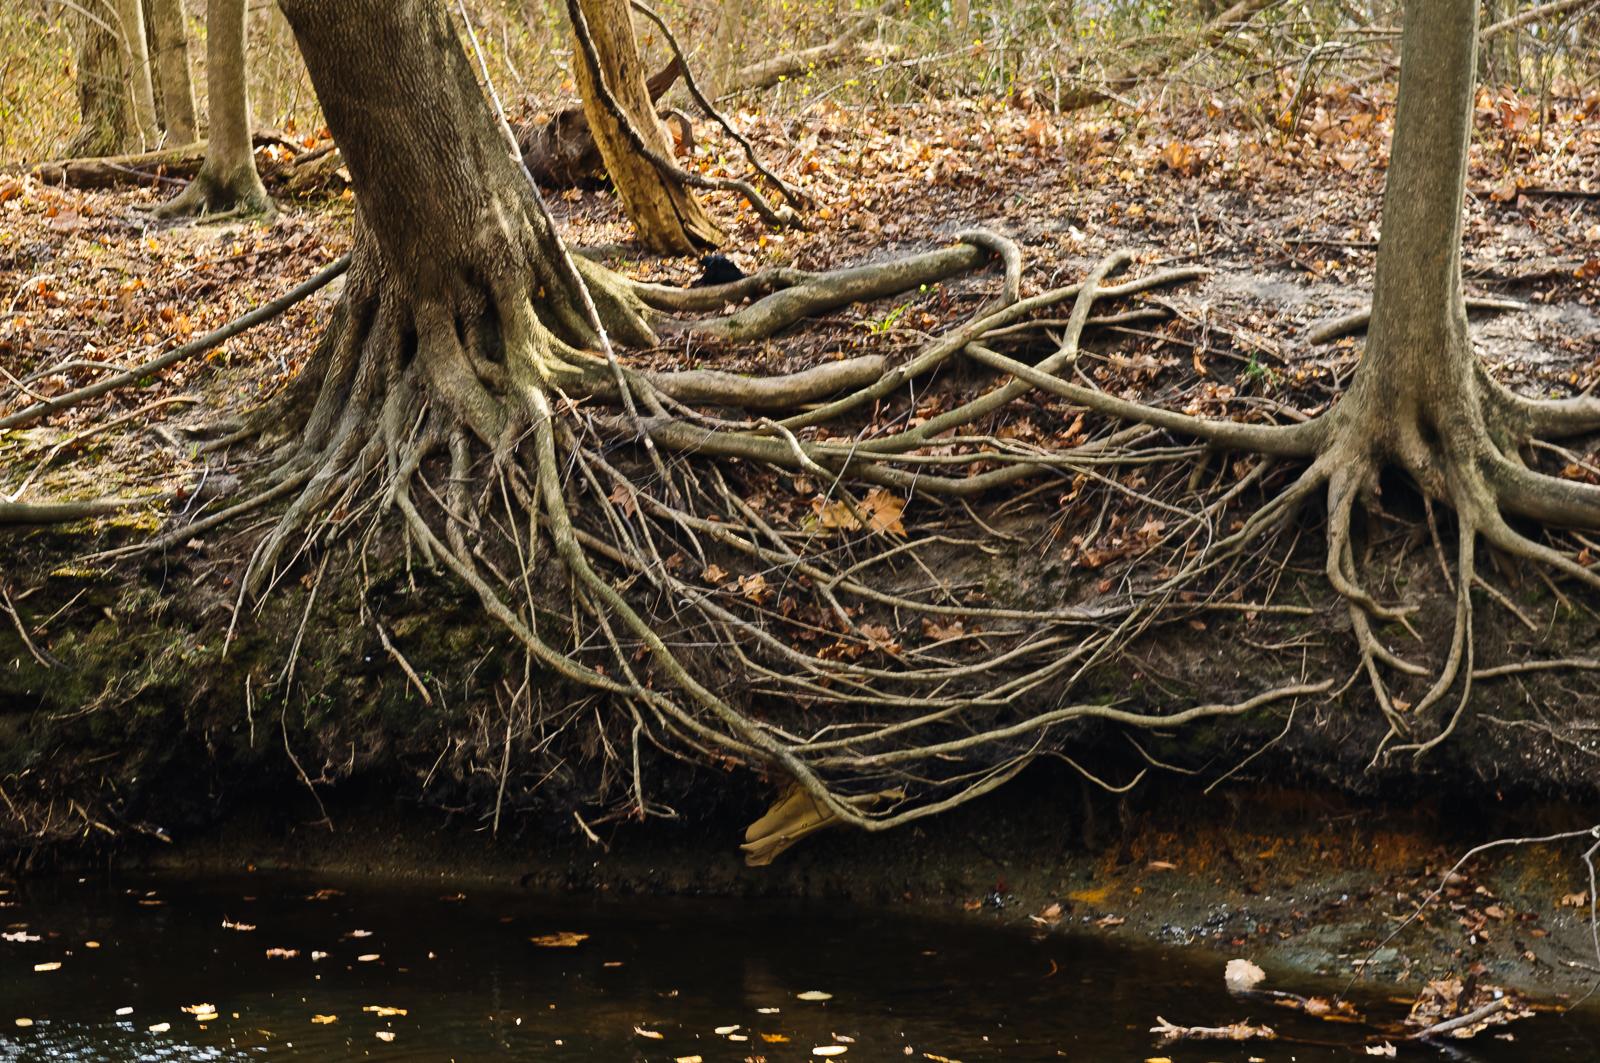 ltd-tree-root-photo-5876